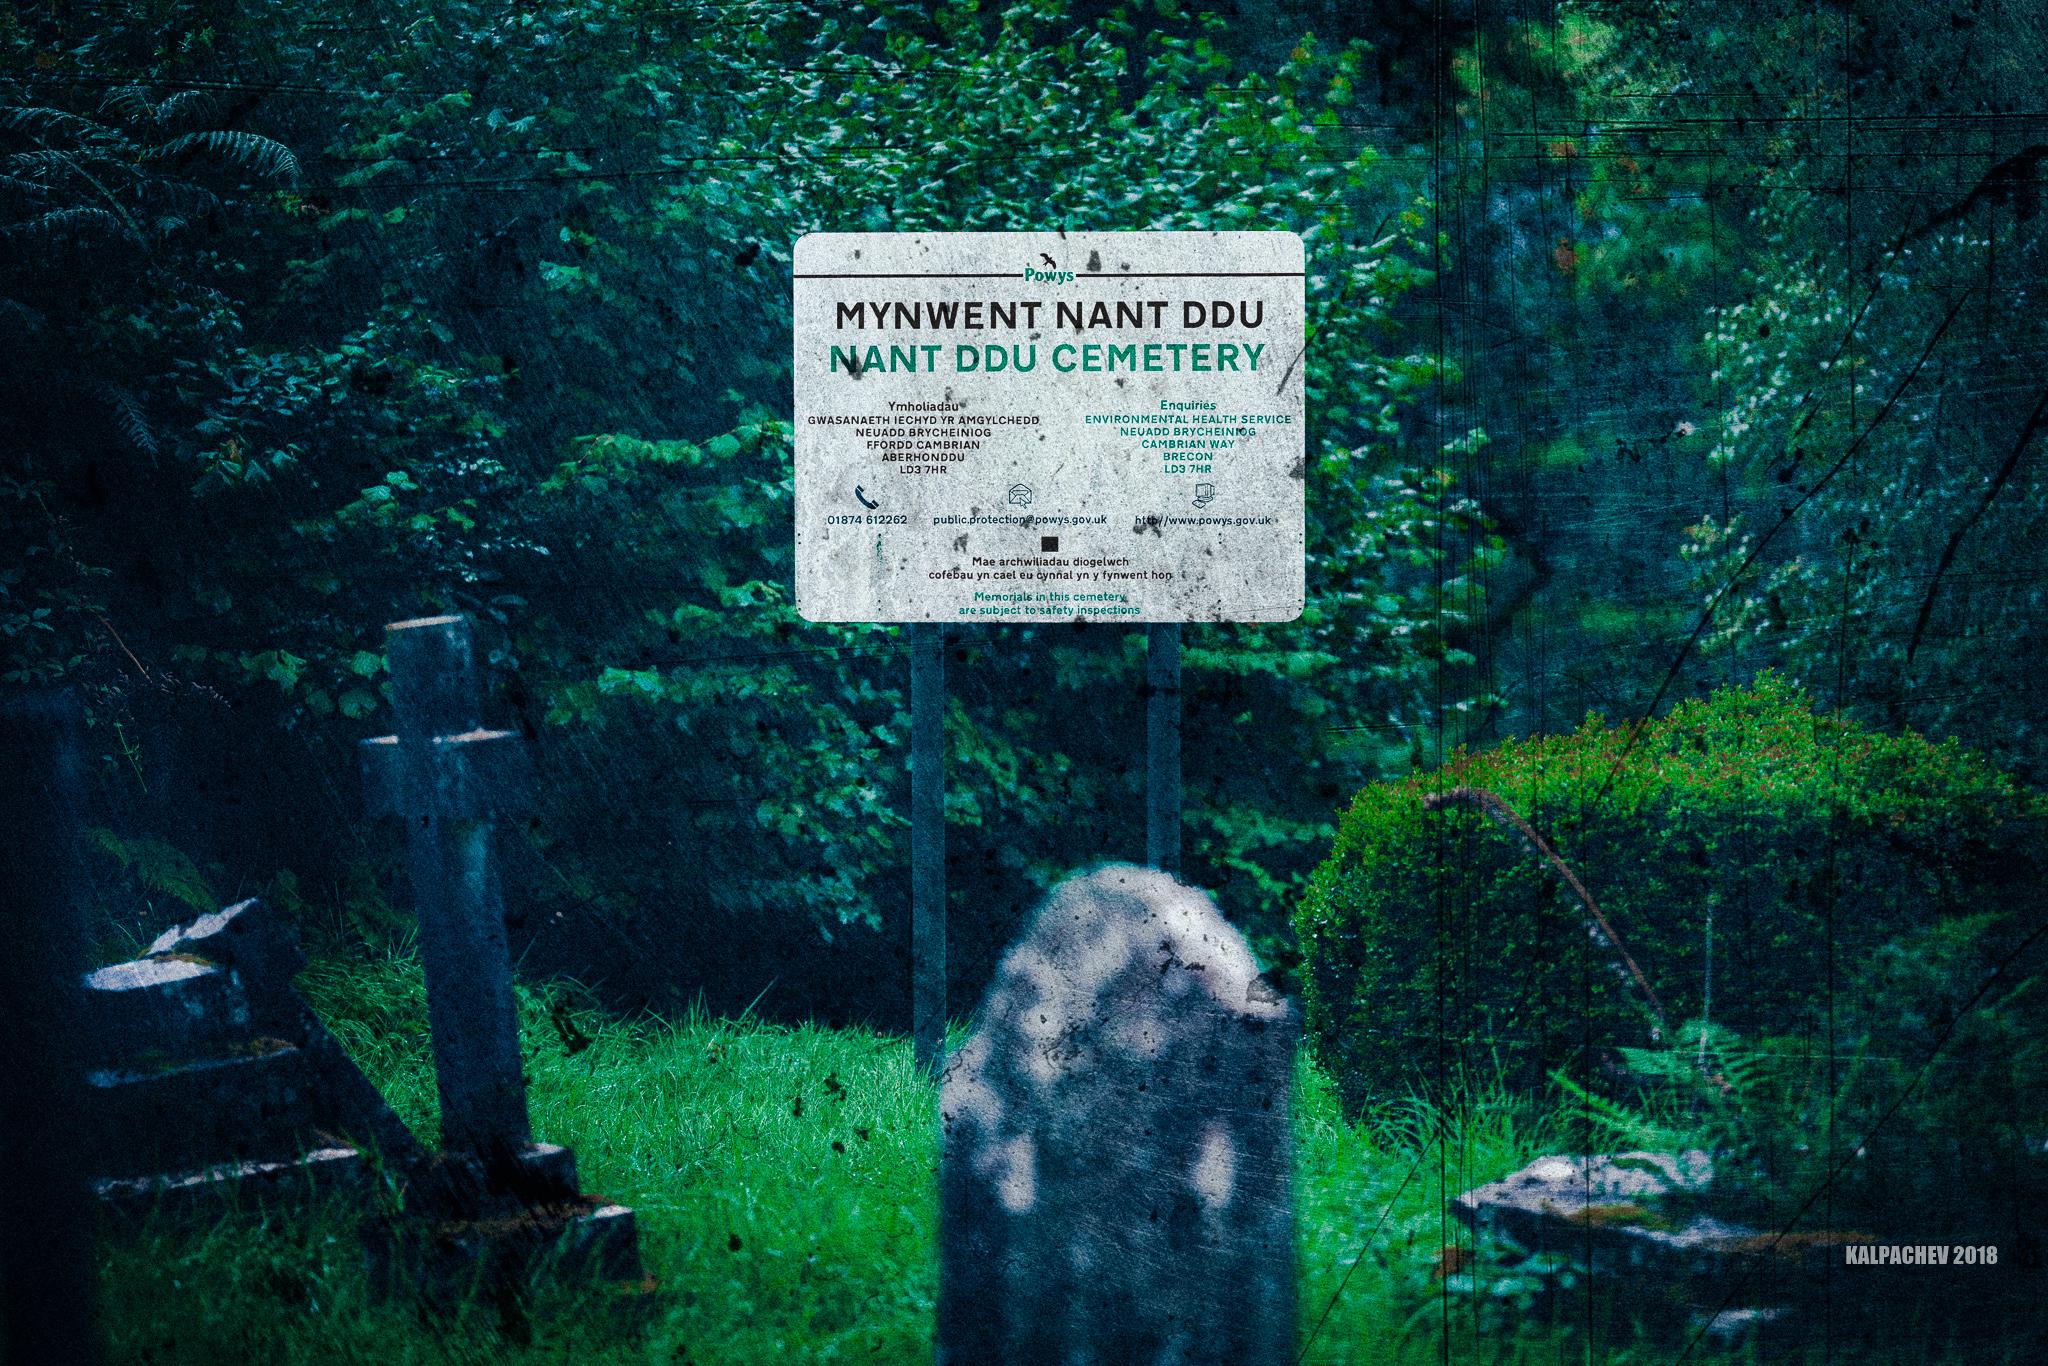 Nant Ddu cemetery